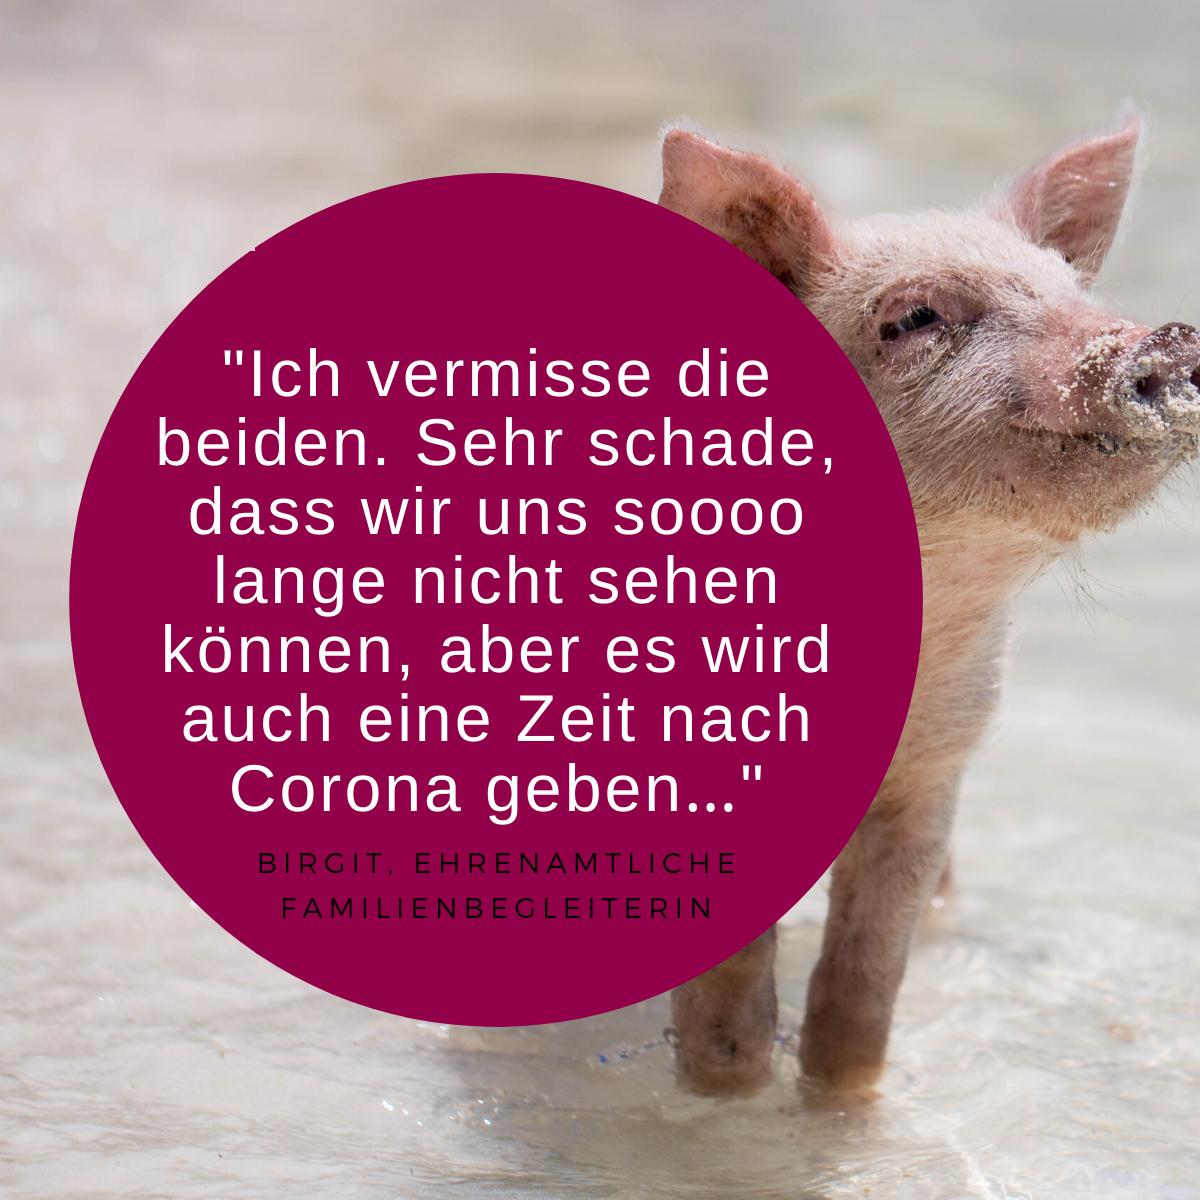 Zitat Ehrenamt und Bild Schwein